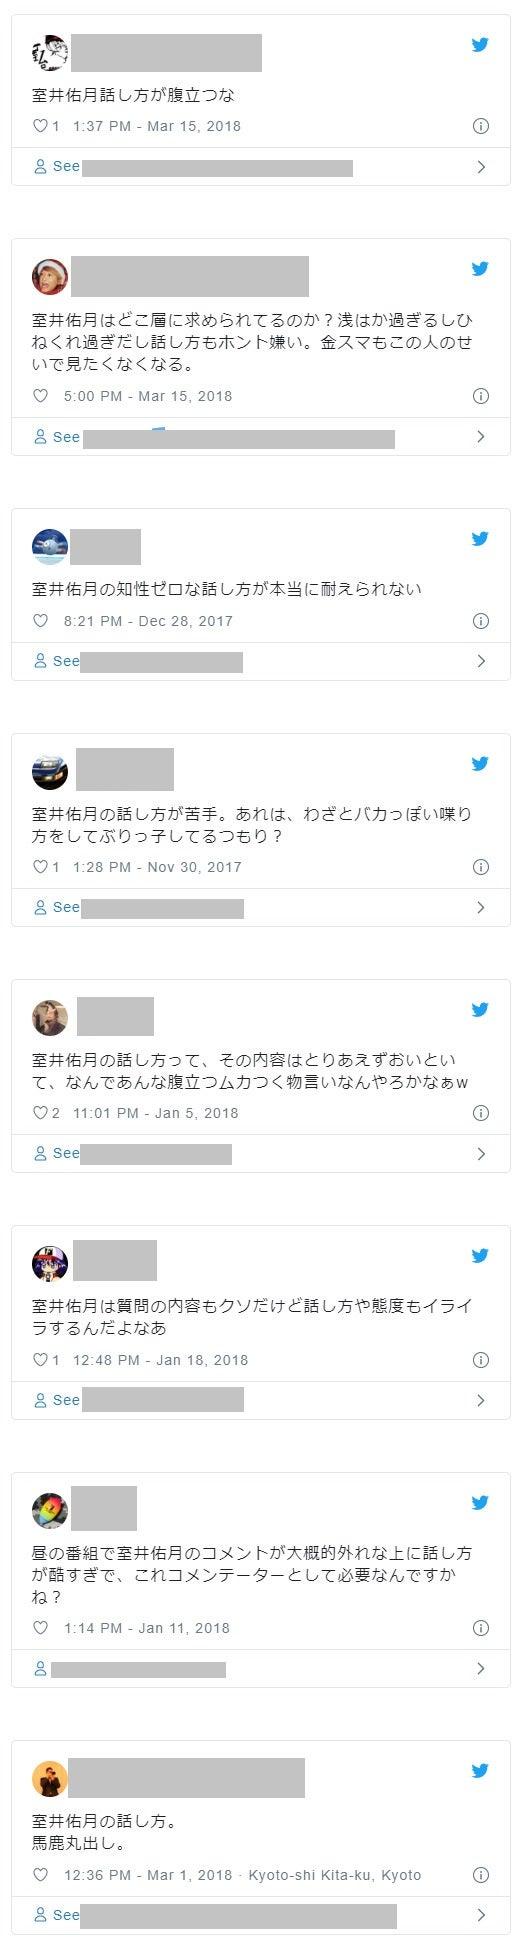 井佑 優一 室 月 花田